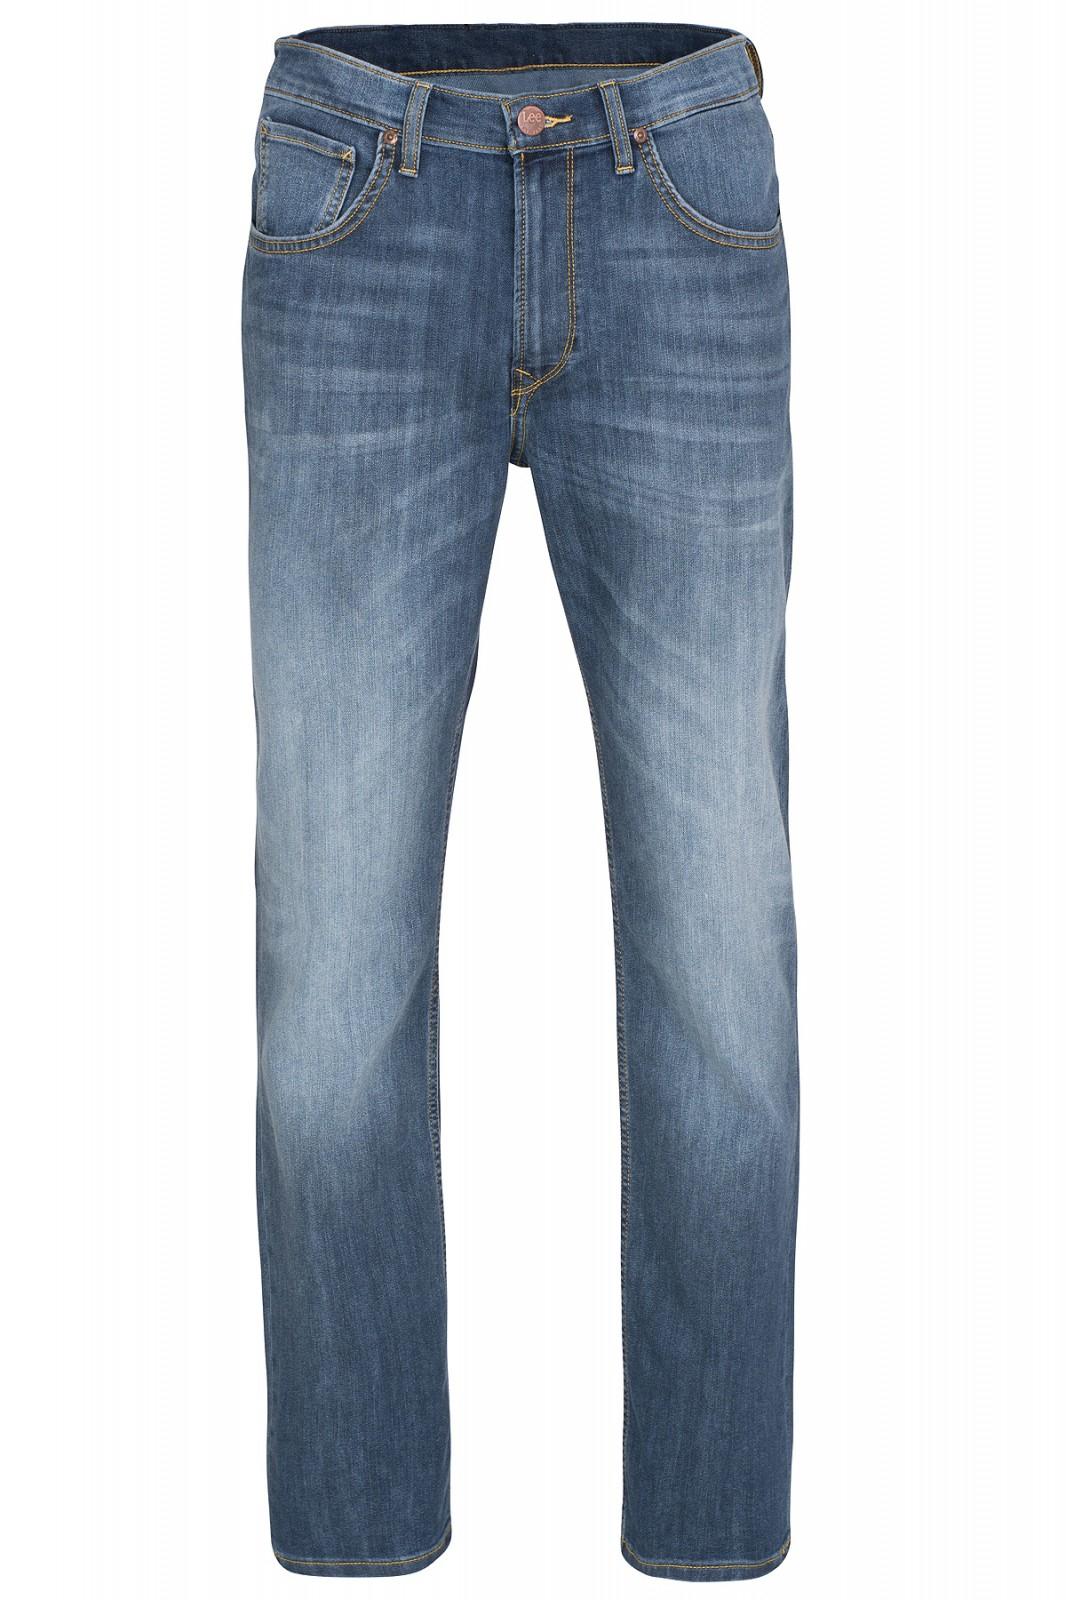 Lee Brooklyn Straight Herren Jeans Blau mit 5 Taschen